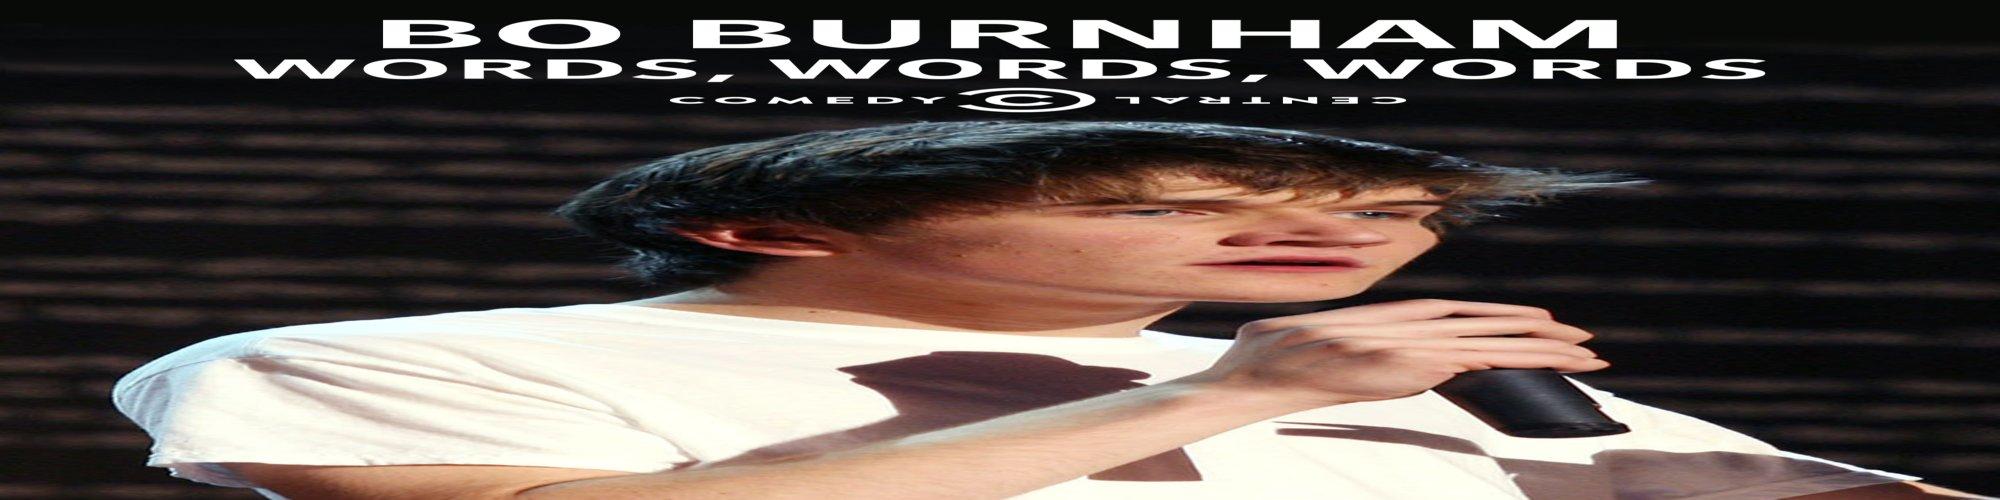 Bo Burnham: Words, Words, Words